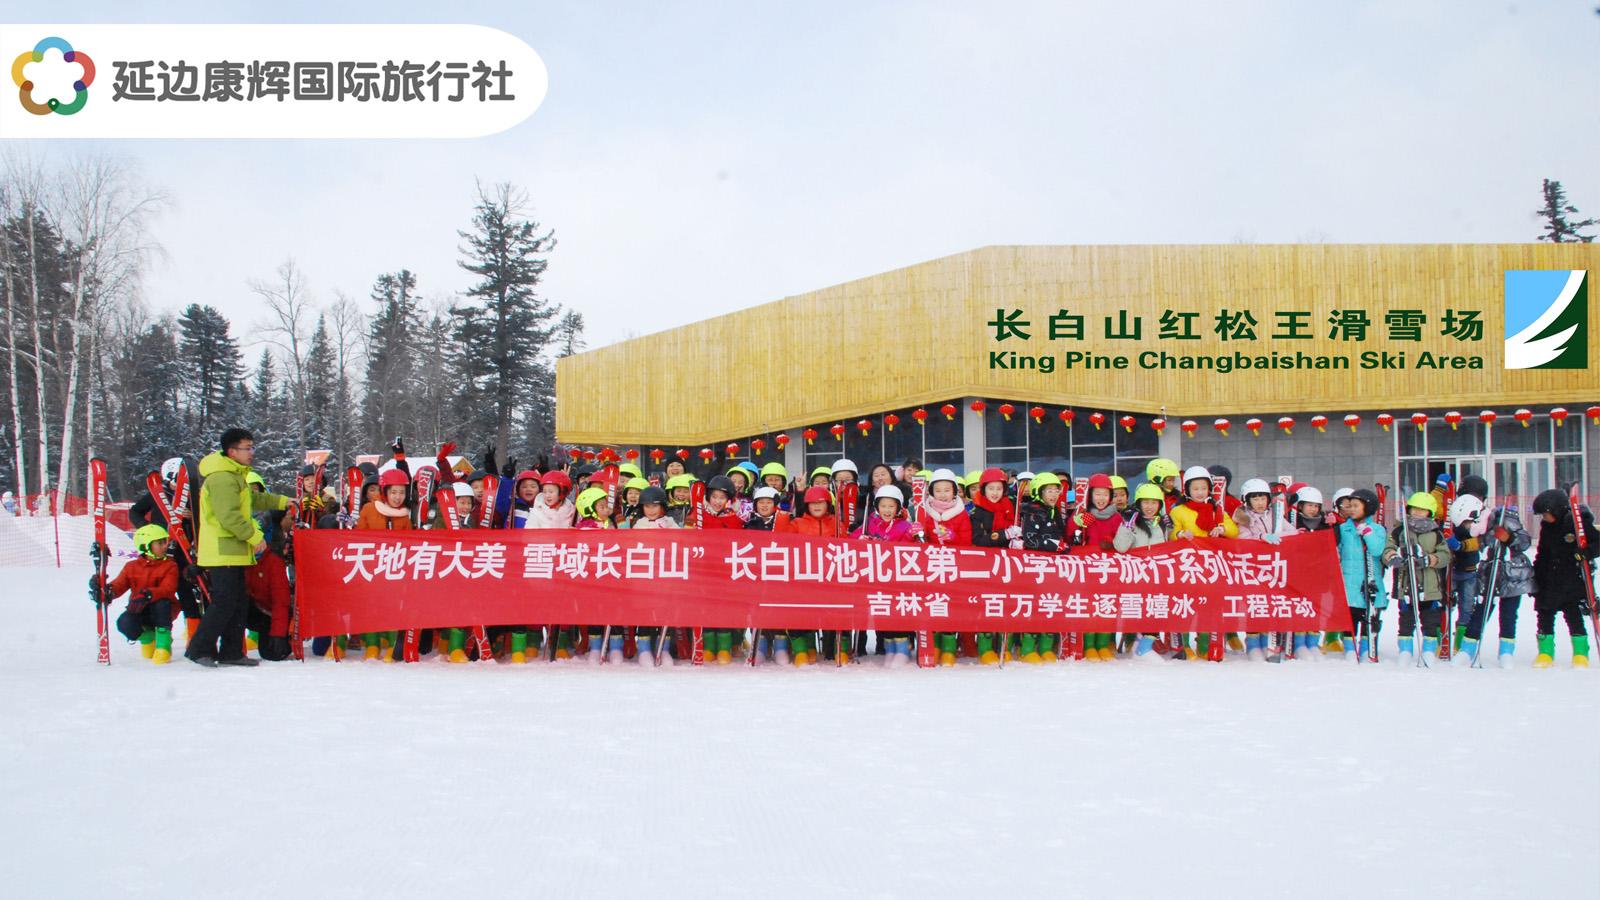 【冬奥在北京 体验在吉林】暨雪域长白山、红松王滑雪场、冰雪培训教育六日课程